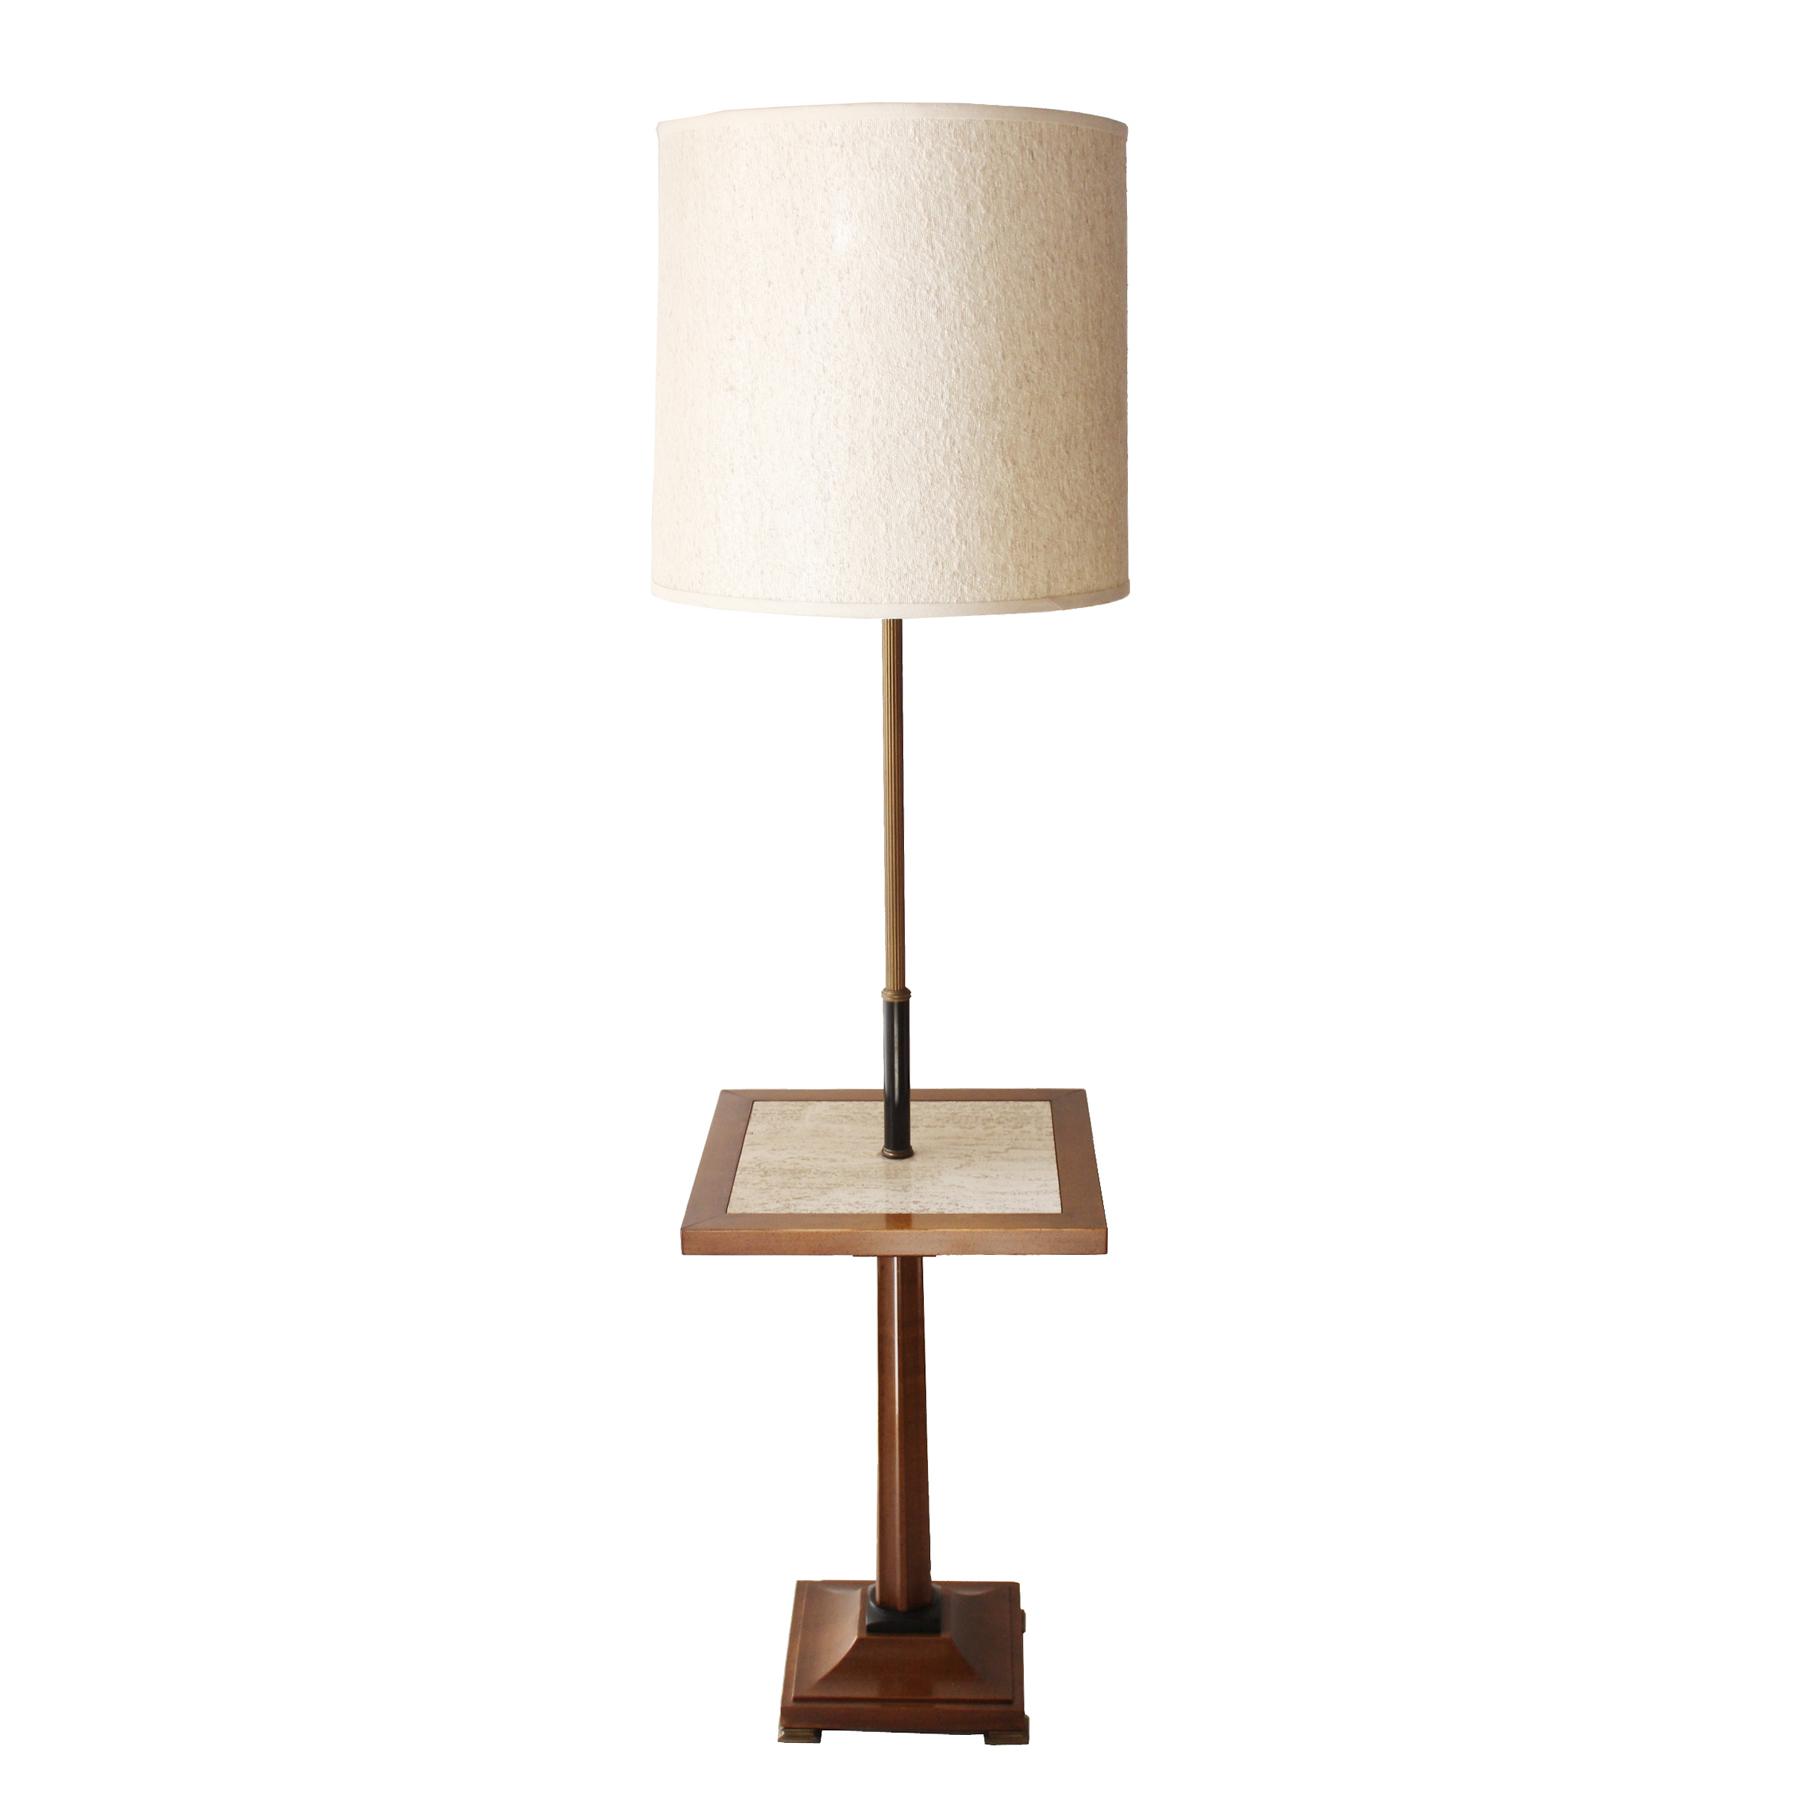 大理石のテーブル付き照明